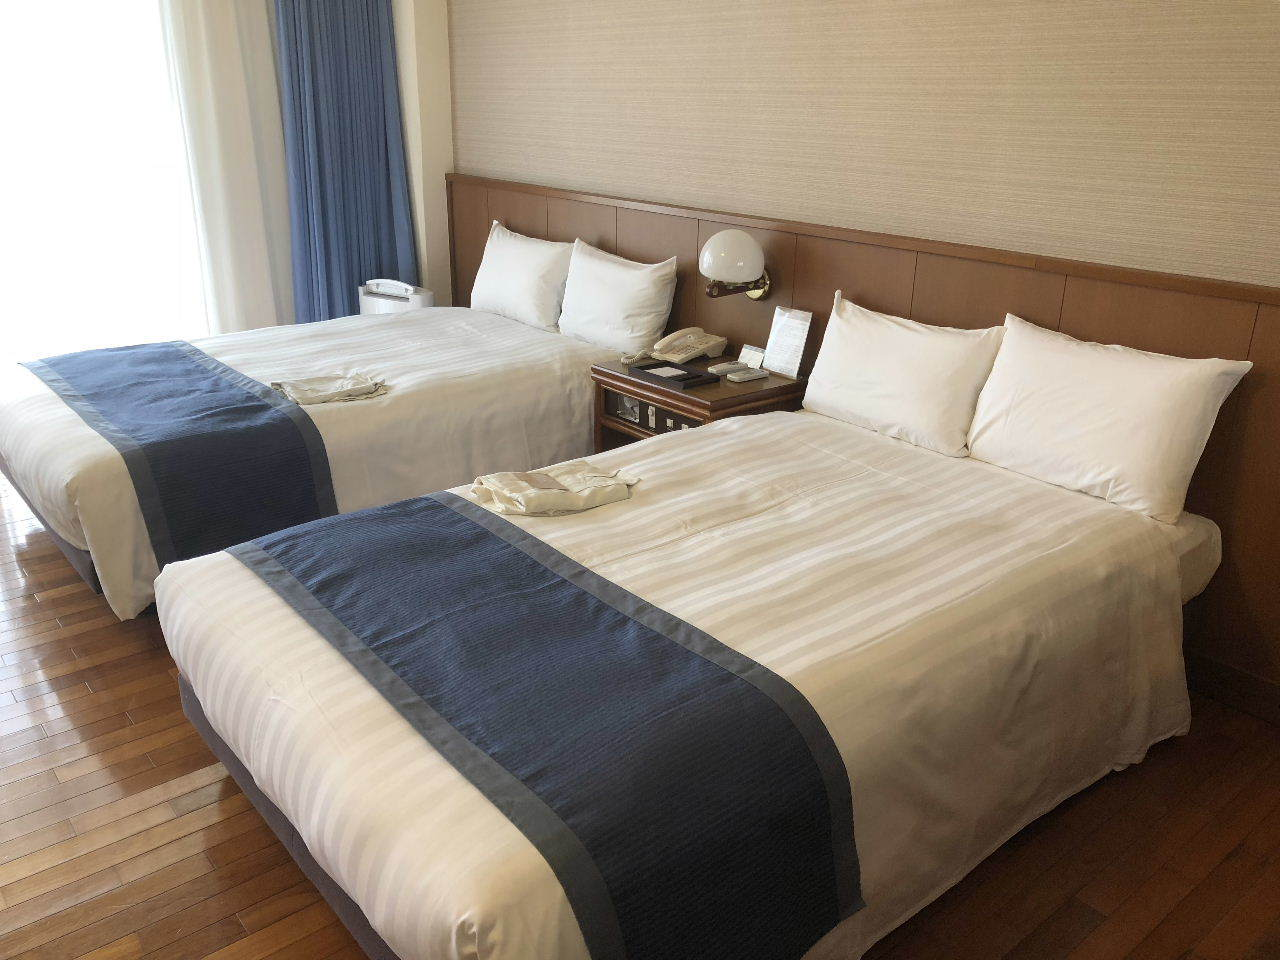 石垣5島めぐり・・最後の小浜島観光とリゾート・ホテル「はいむるぶし」 _c0011649_03561066.jpg